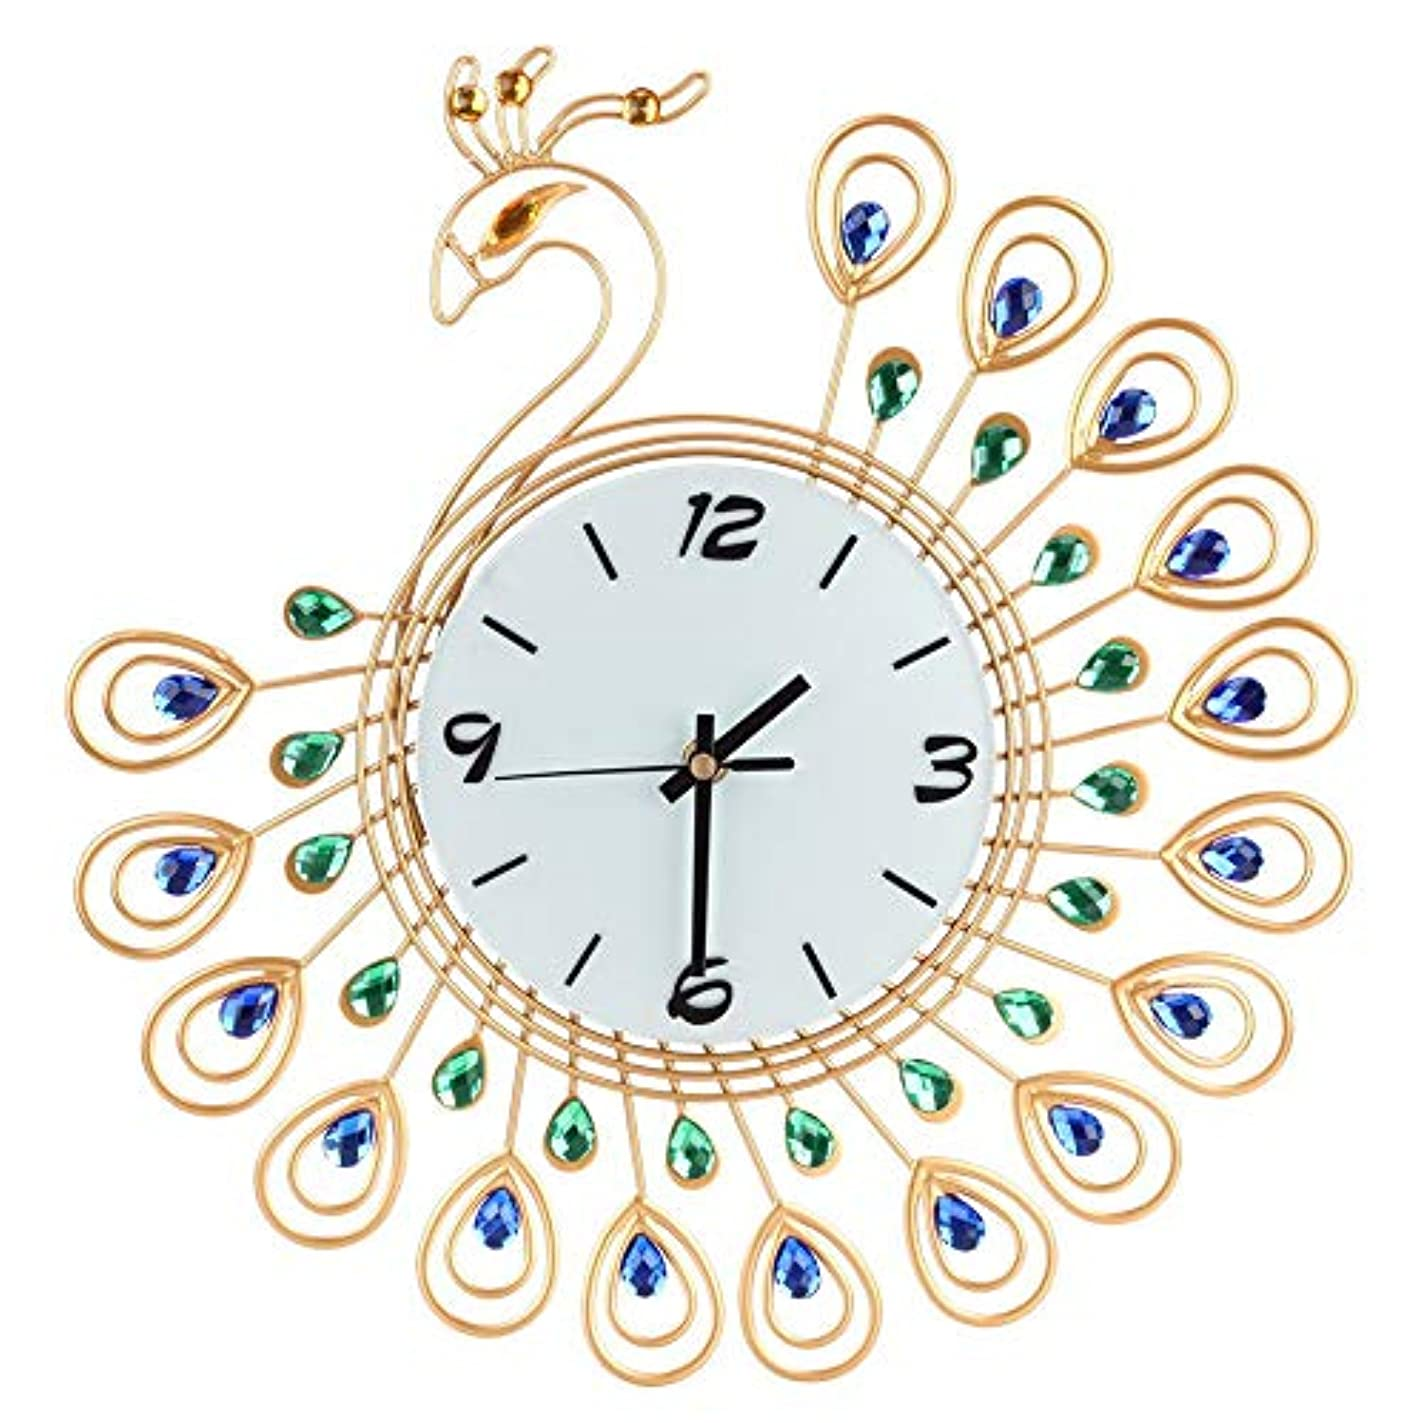 苦しみモジュール差別的ルームオフィスのための壁時計の金属のラインストーンの家の装飾の孔雀の時計 (ゴールド)